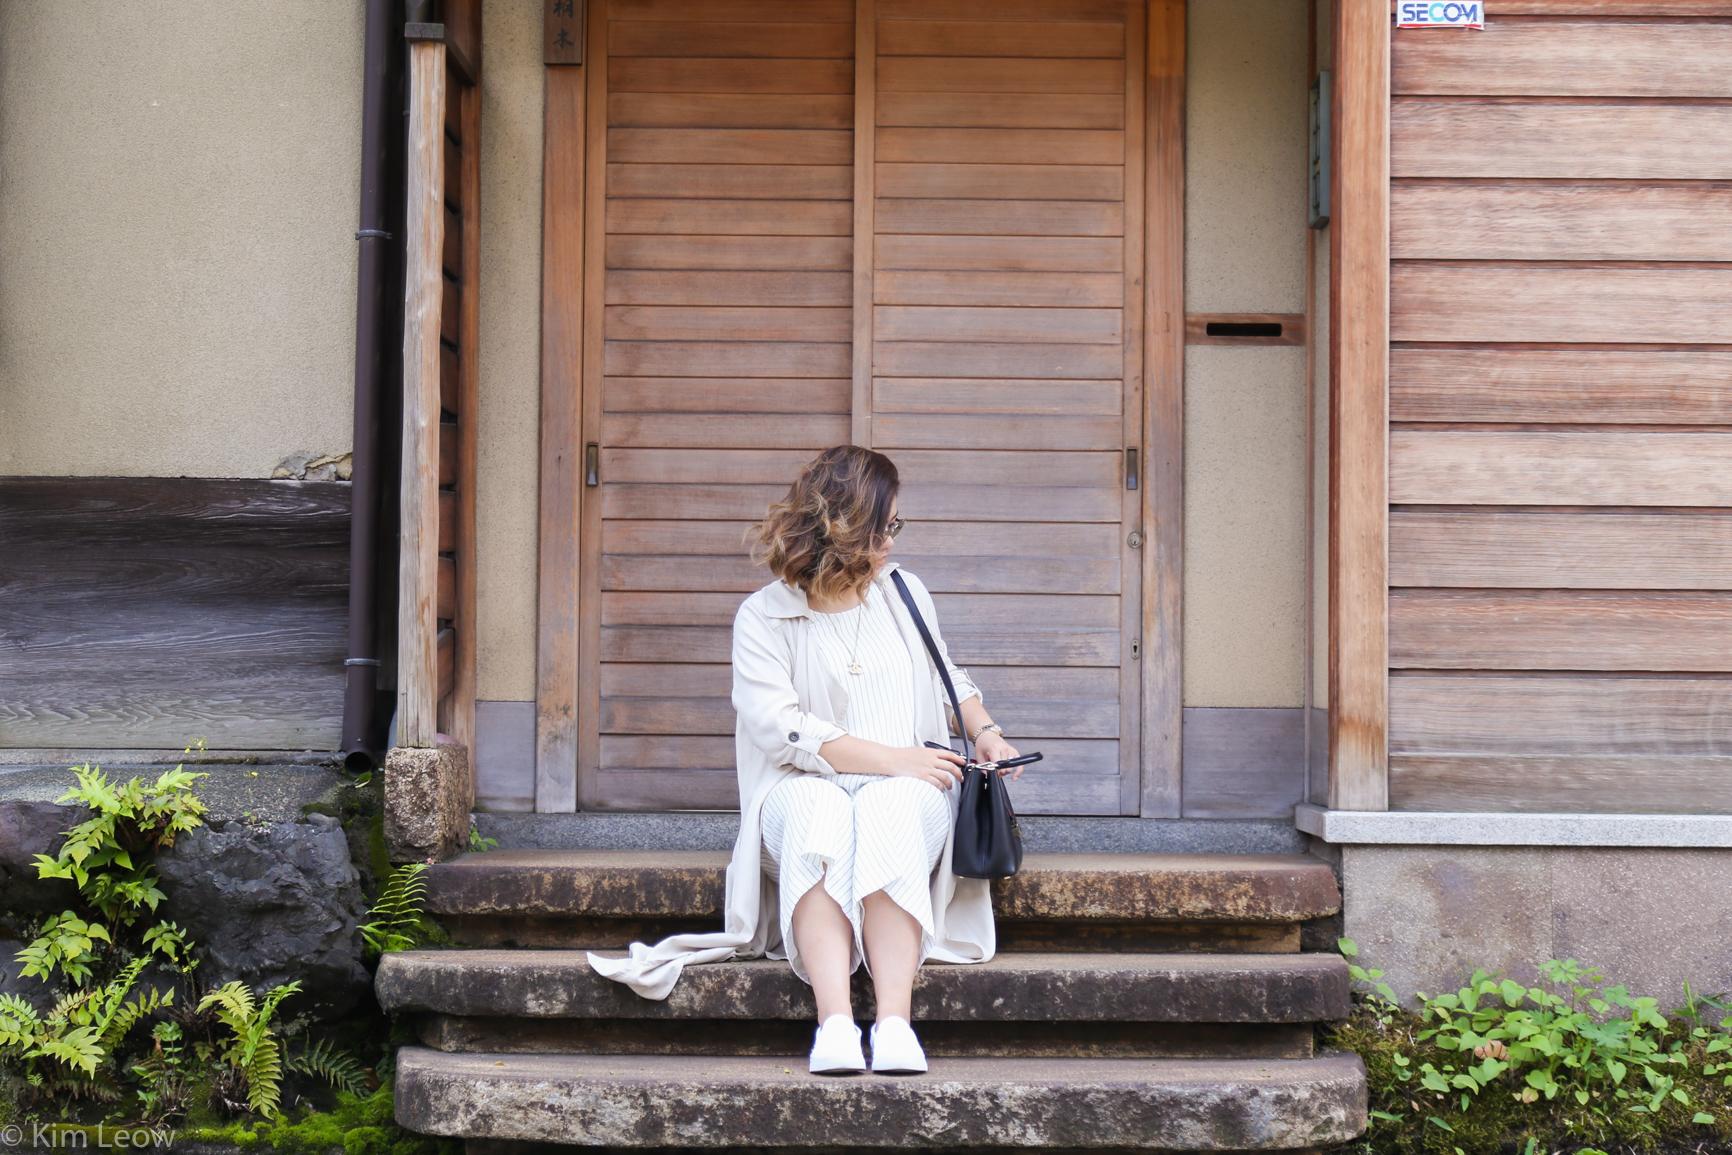 kimleow_cherryblossom_kyoto_travel-10.jpg